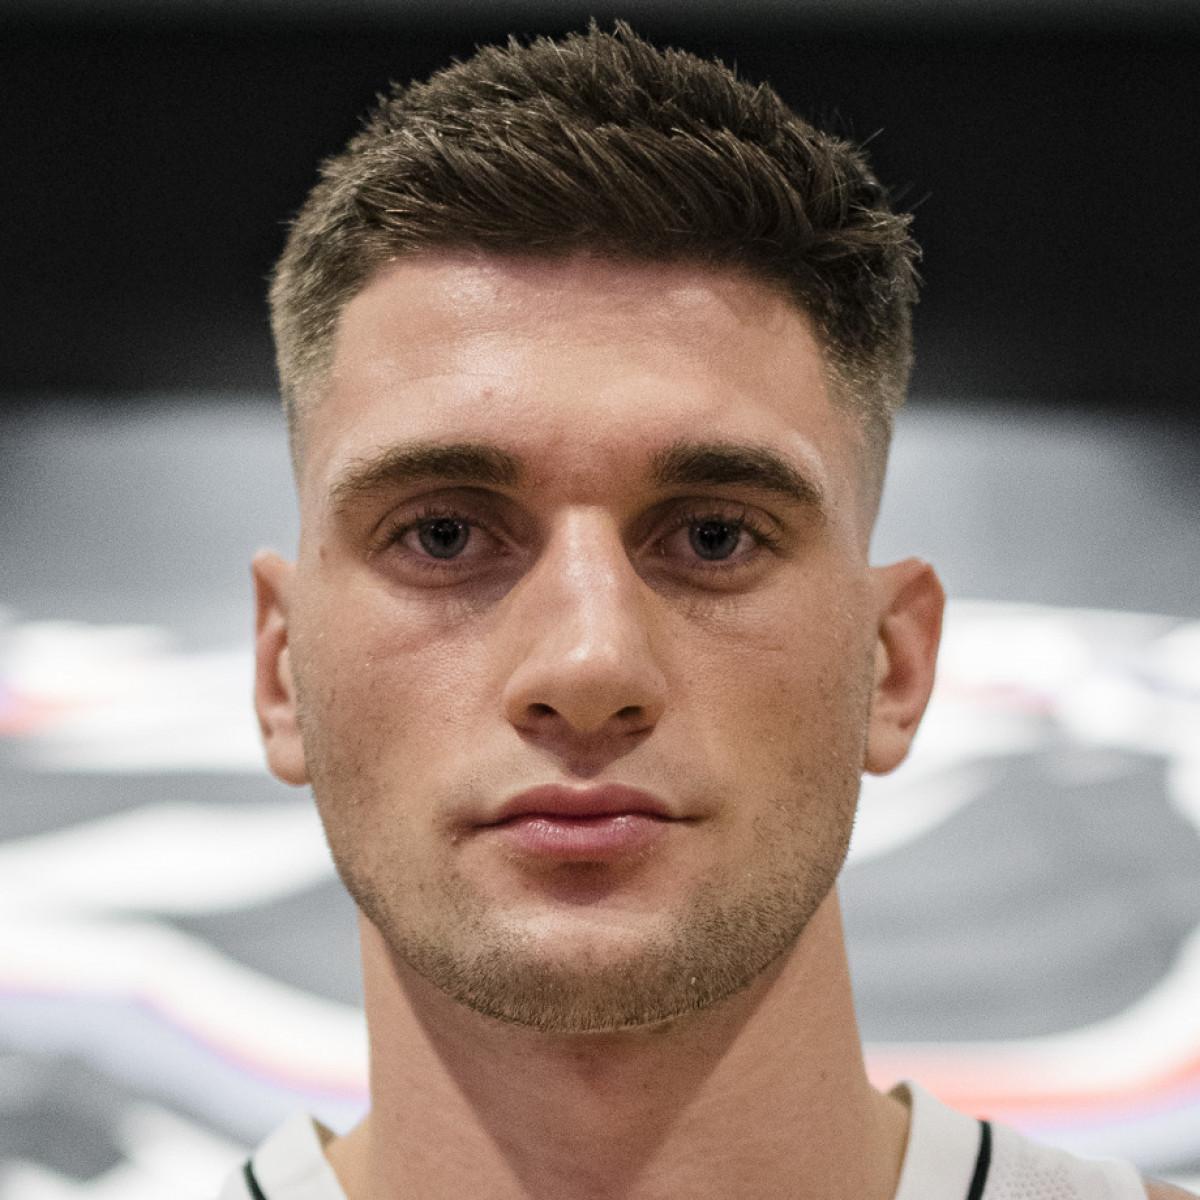 Dustin SLEVA